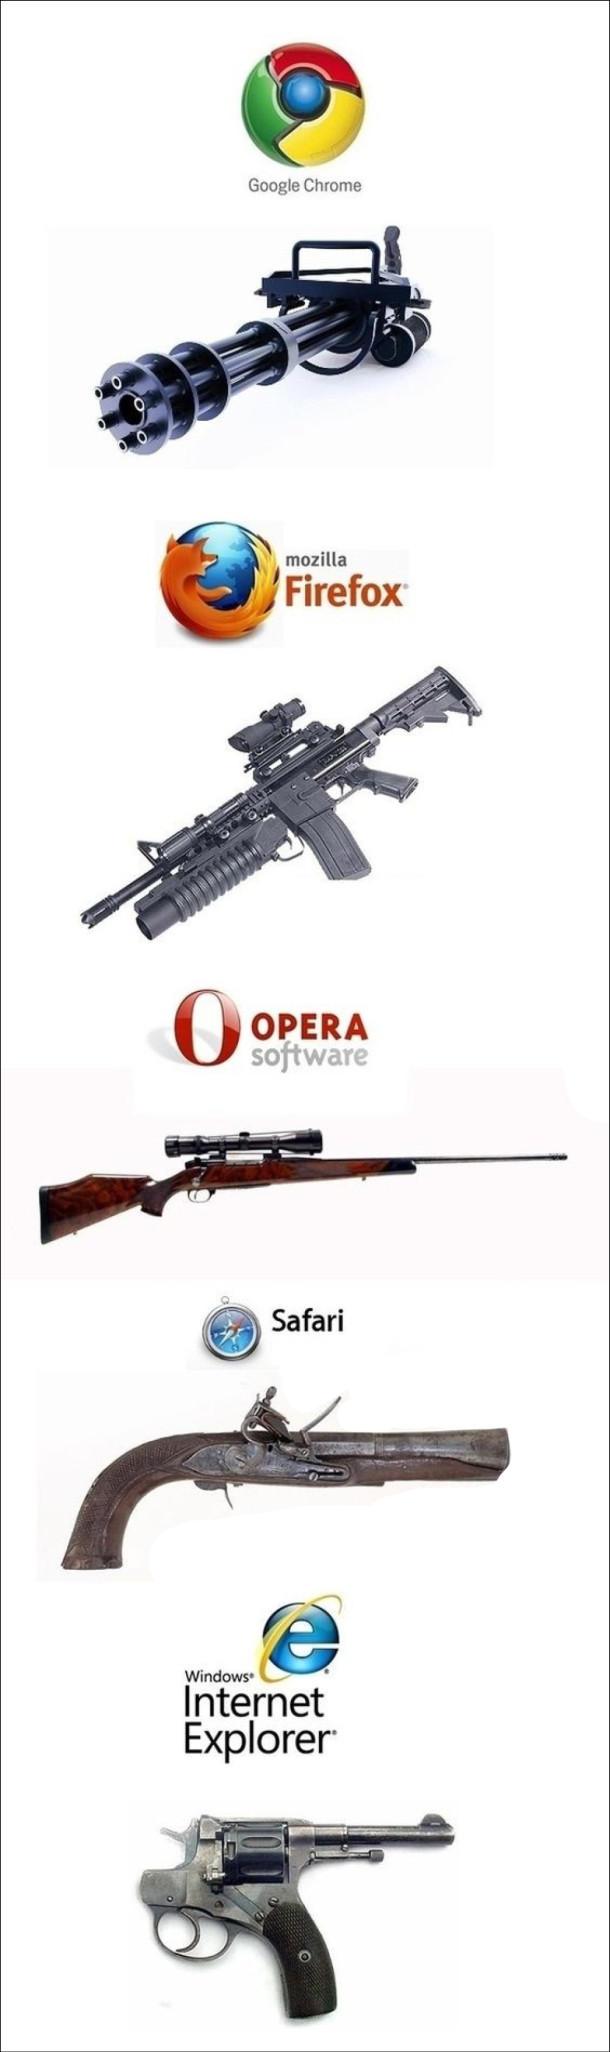 Порівняння браузерів зі зброєю. Google Chrome, Mozilla Firefox, Opera, Safari, Internet Explorer